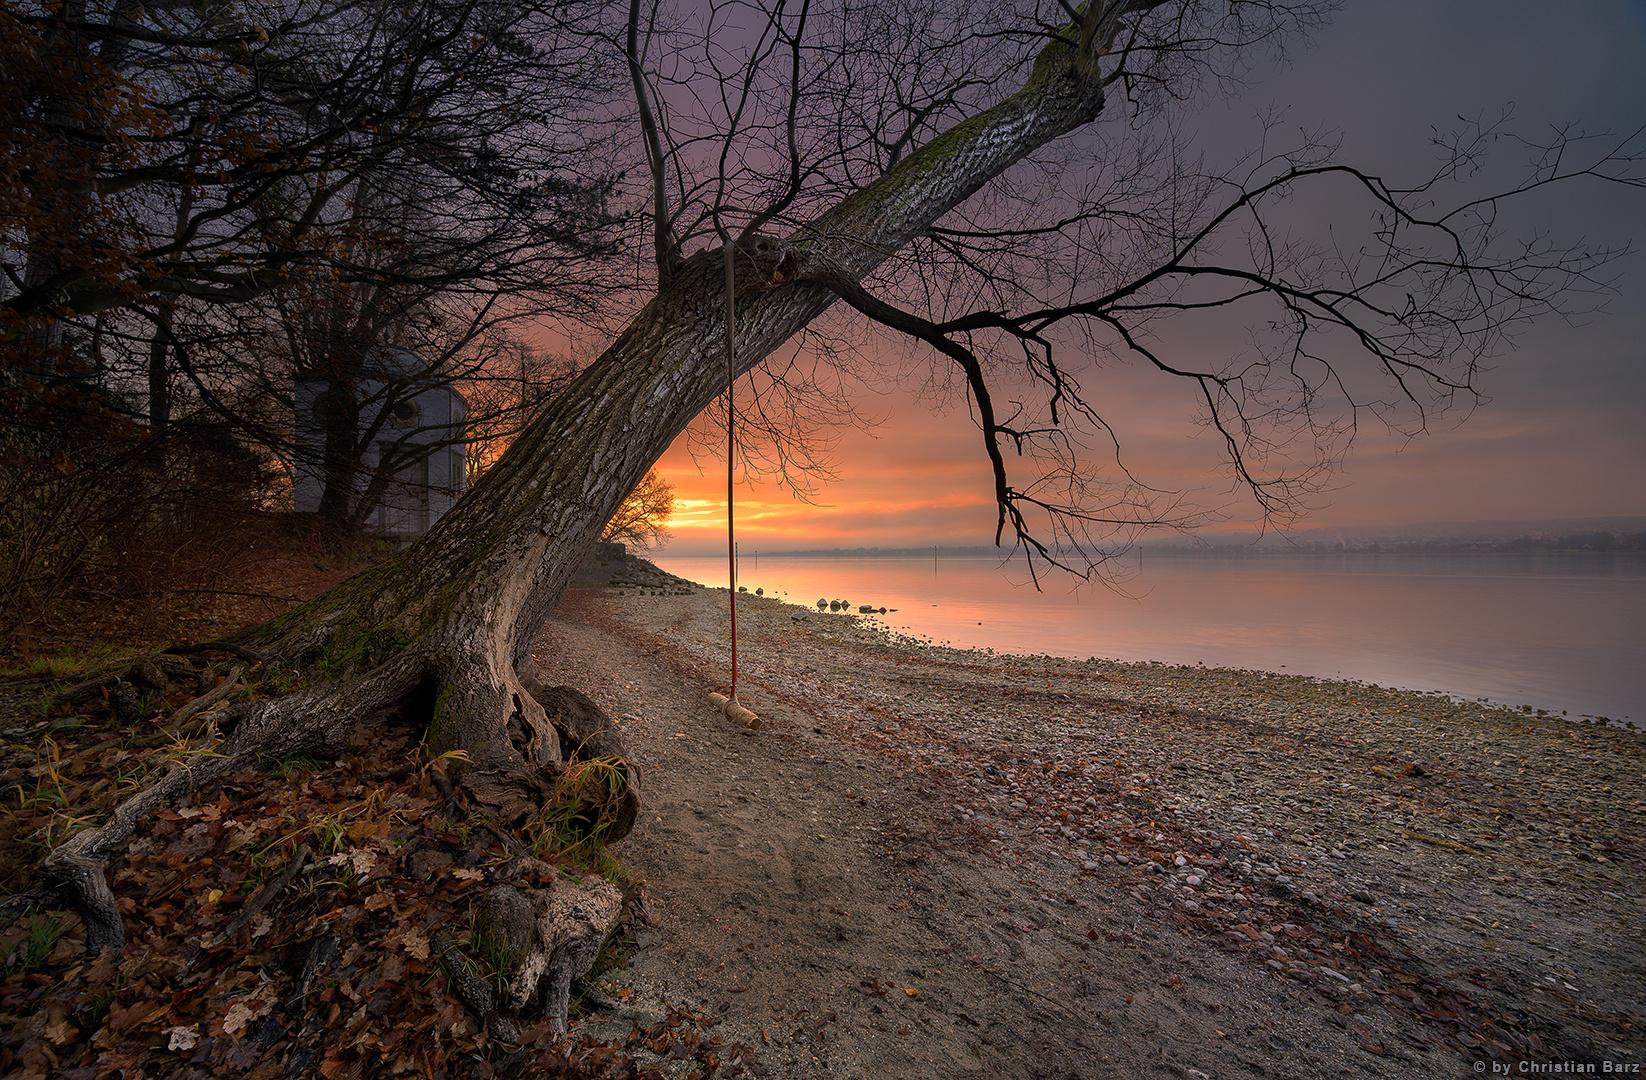 der Baum am See